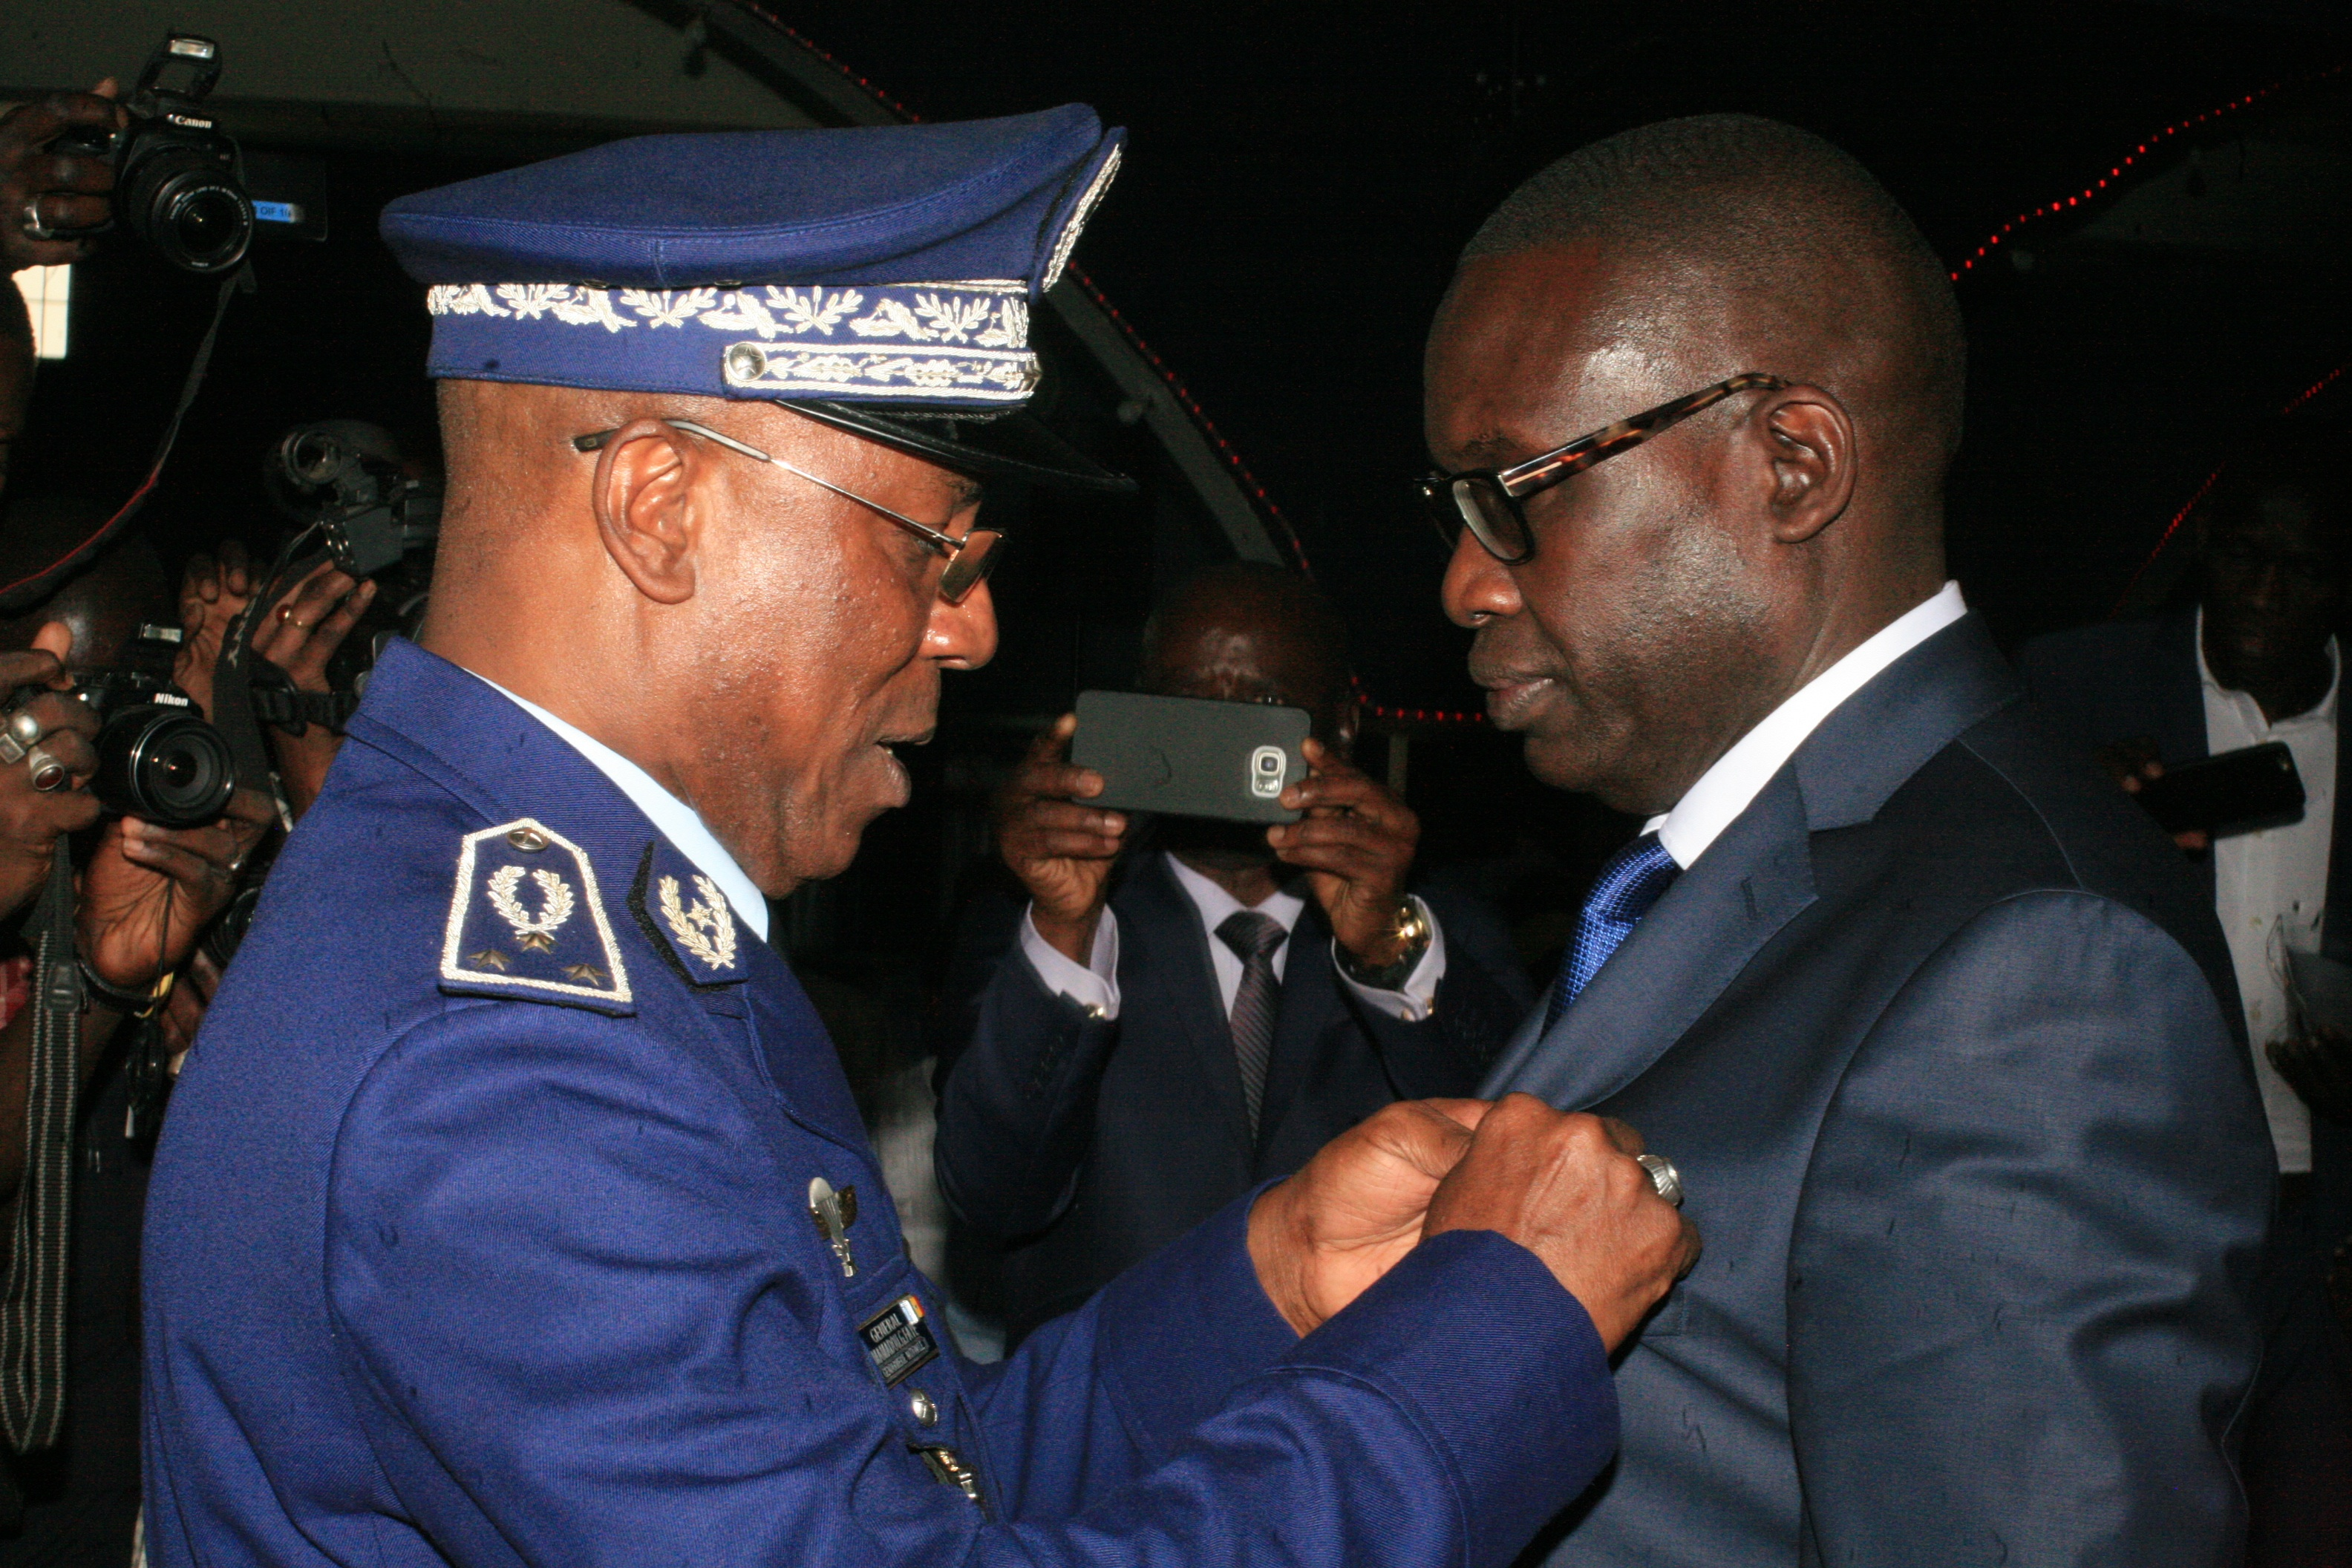 Pour services rendus à la gendarmerie nationale: Le Président Macky Sall décerne à Ibrahima Sall une médaille d'honneur